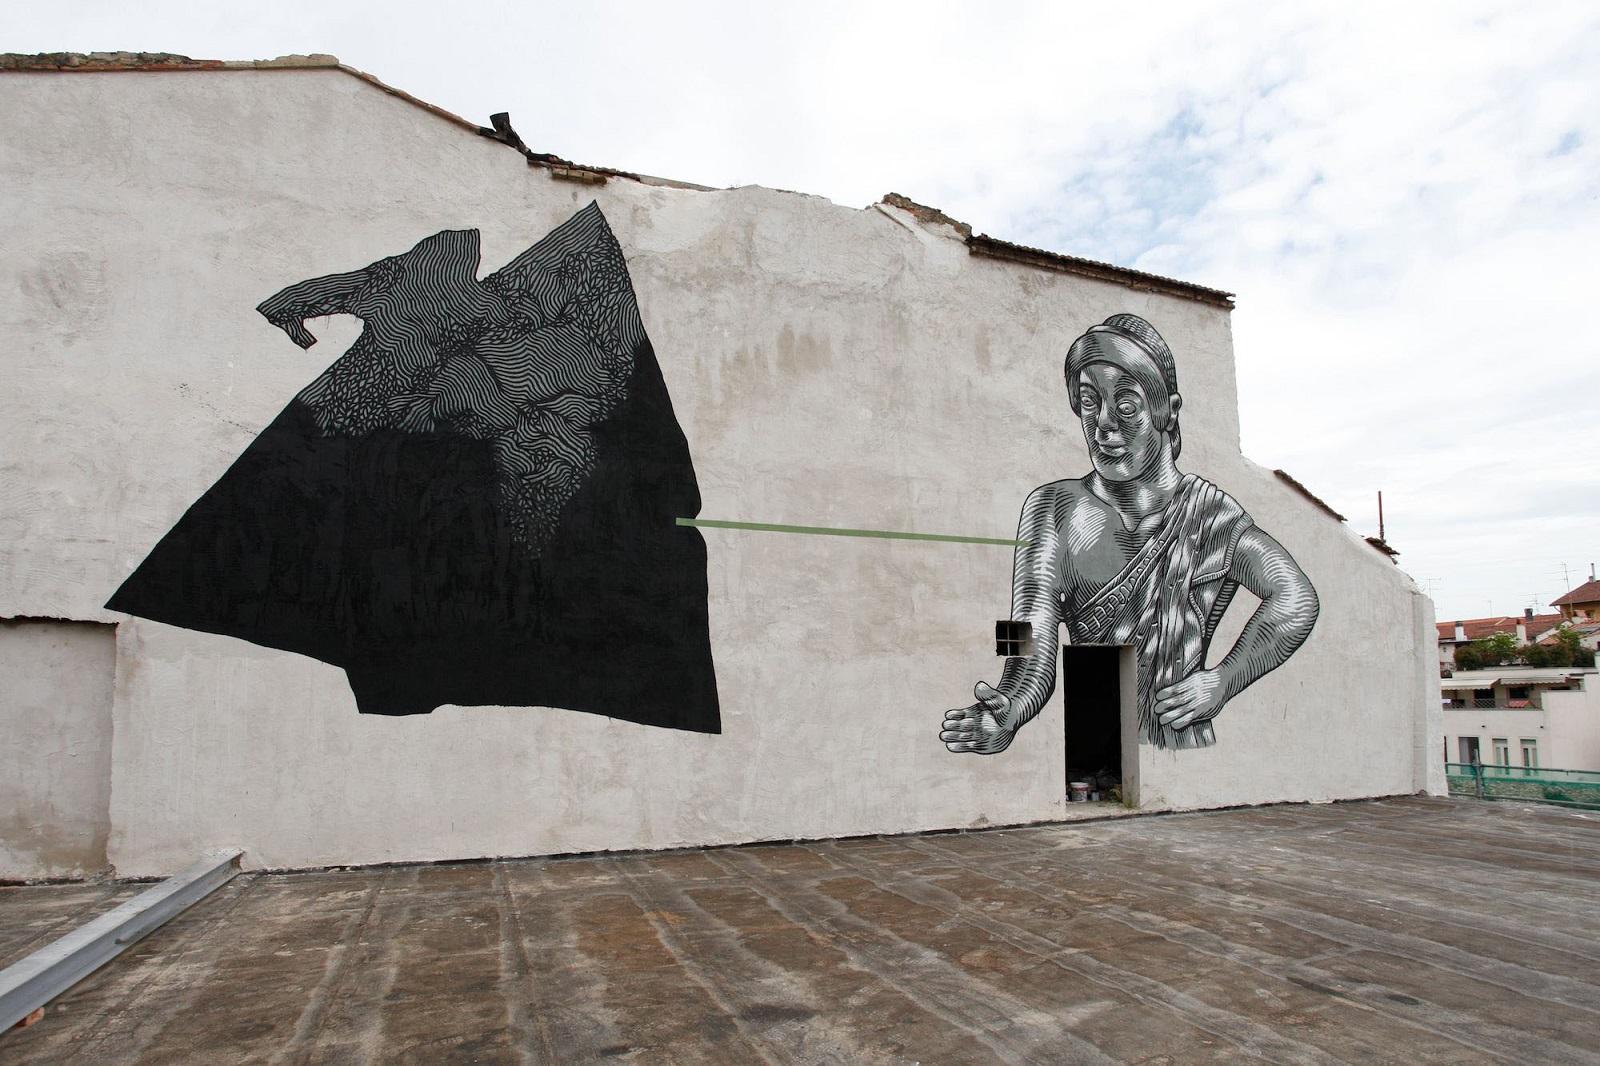 Die Mauer Street Art,  Prato, 2014. �Carlo Chiavacci Fotografo